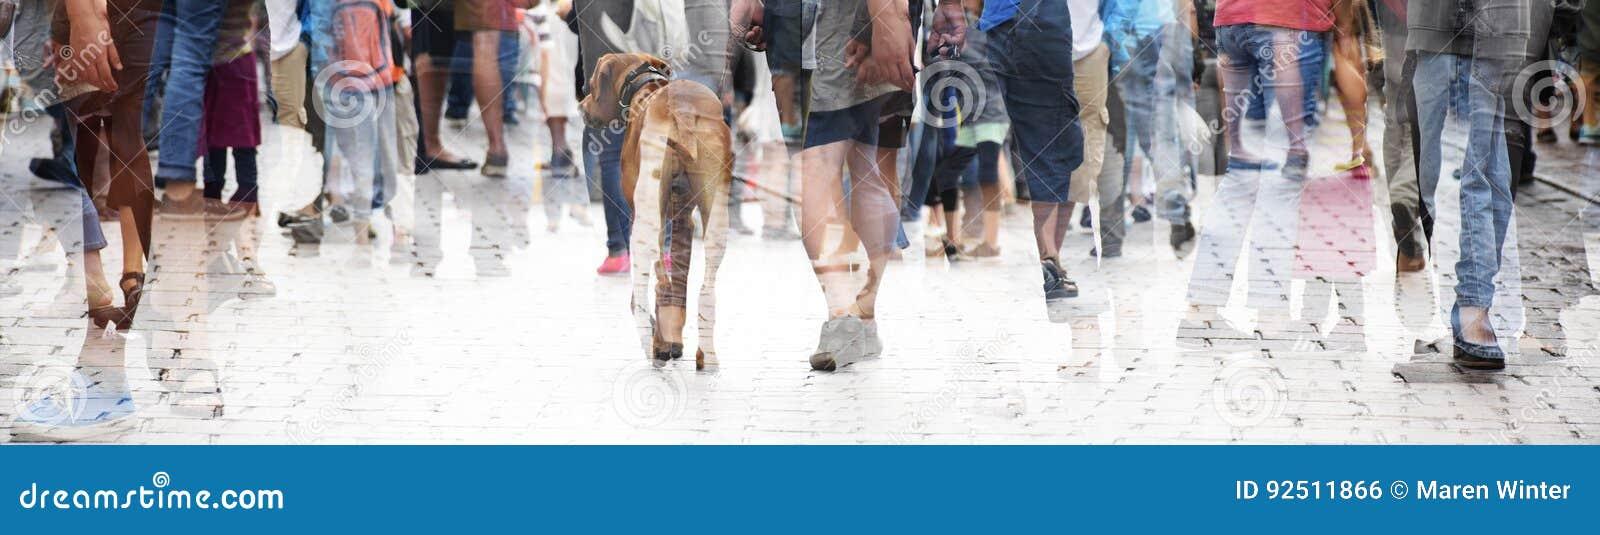 Caminhada da cidade, exposição dobro de uma grande multidão de povos e um cão,